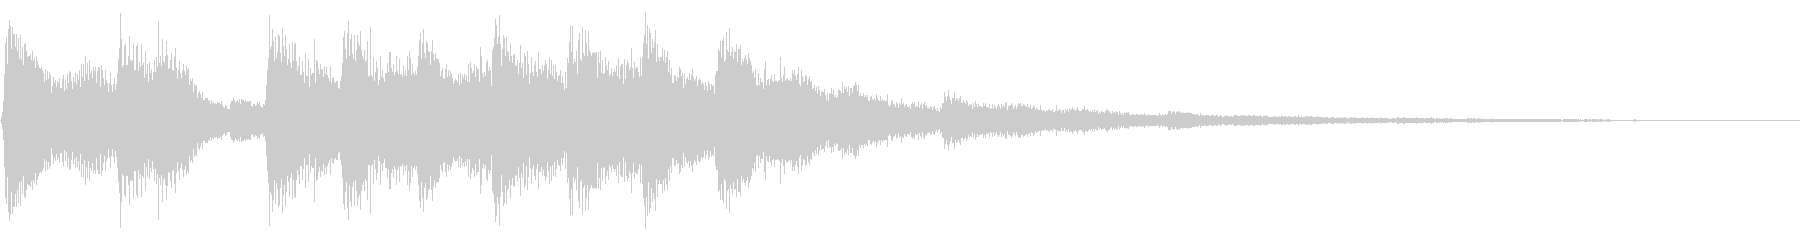 レトロなステージクリア ファンファーレ風の未再生の波形